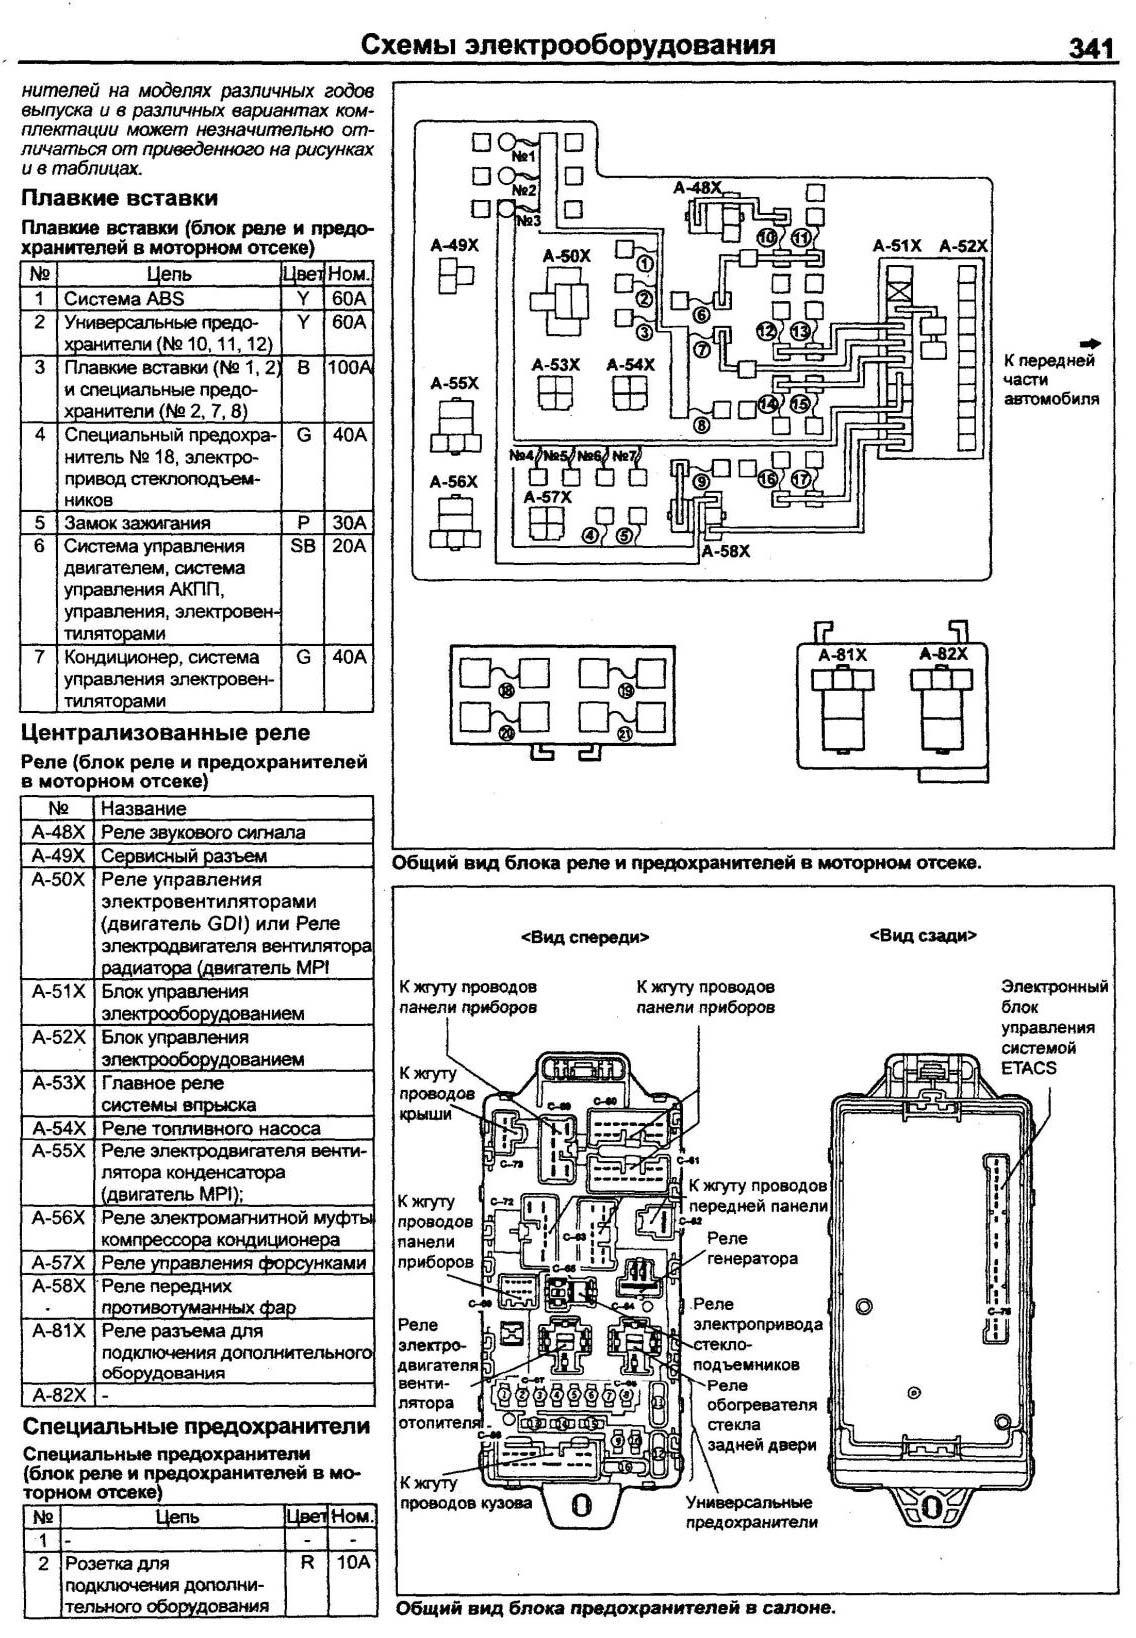 Мицубиси галант предохранители схема